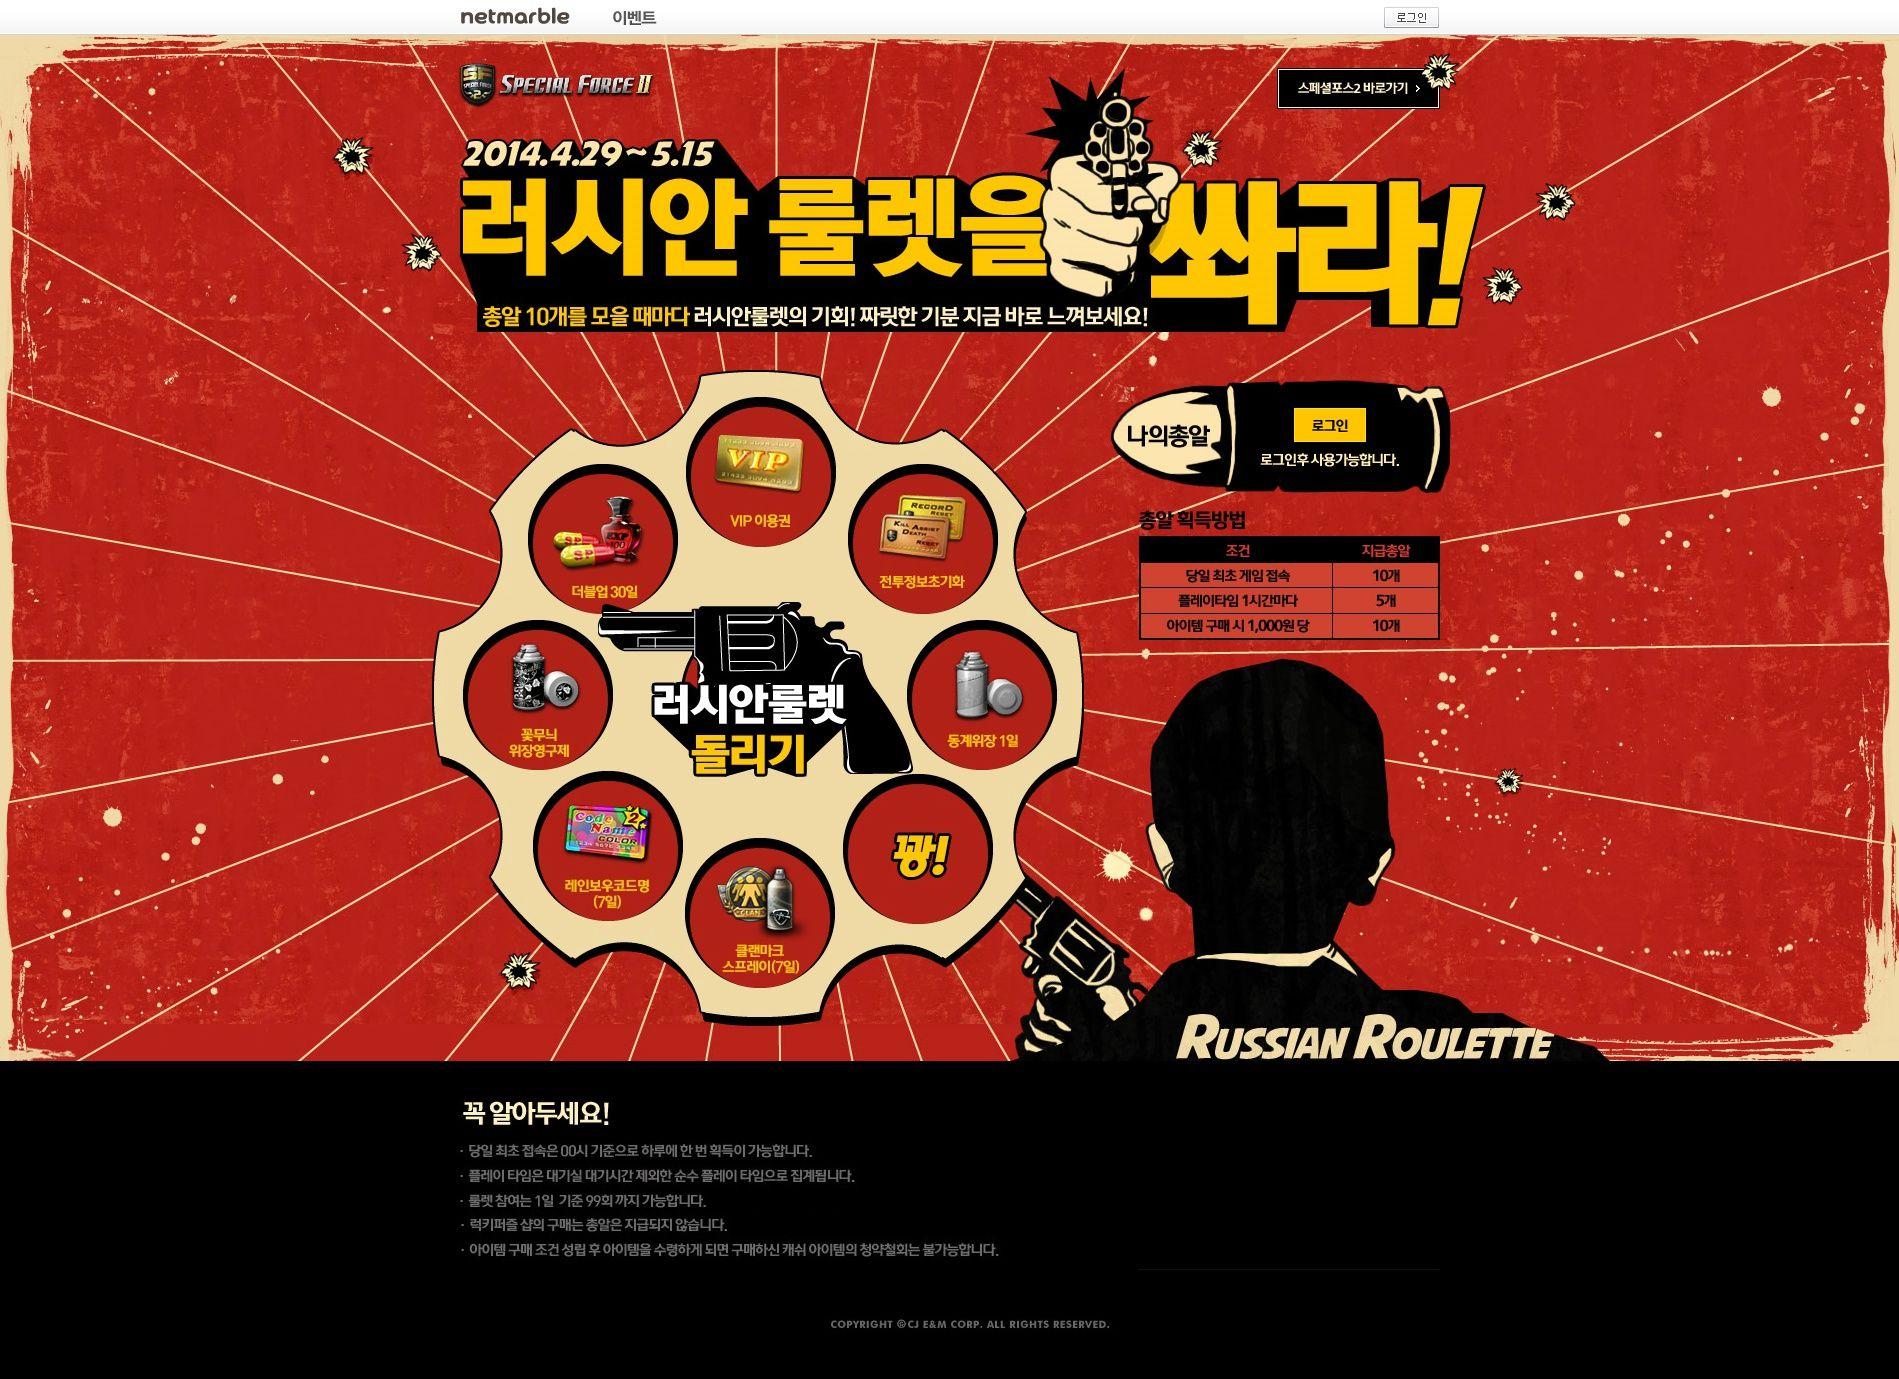 Banner Promotion에 있는 Hyungseon Park님의 핀 배너 웹디자인 보드 게임 디자인